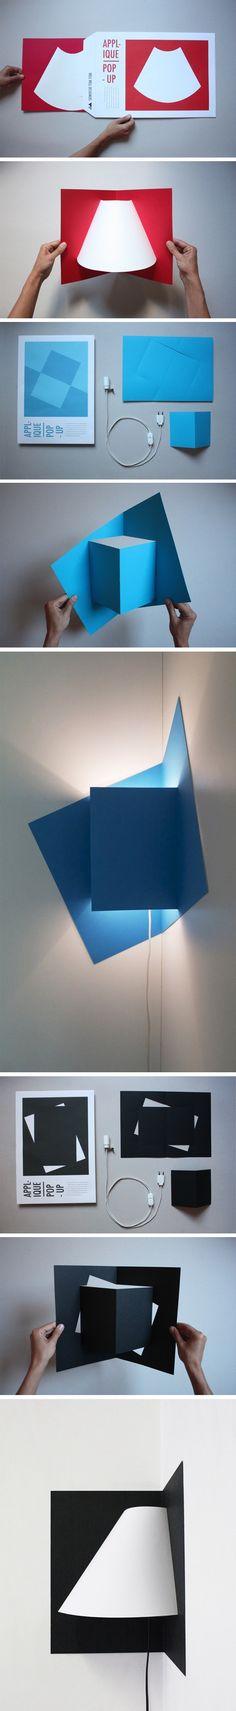 Pop-Up Light par Well Well Designers : http://www.journal-du-design.fr/design/pop-up-light-par-well-well-designers-27277/